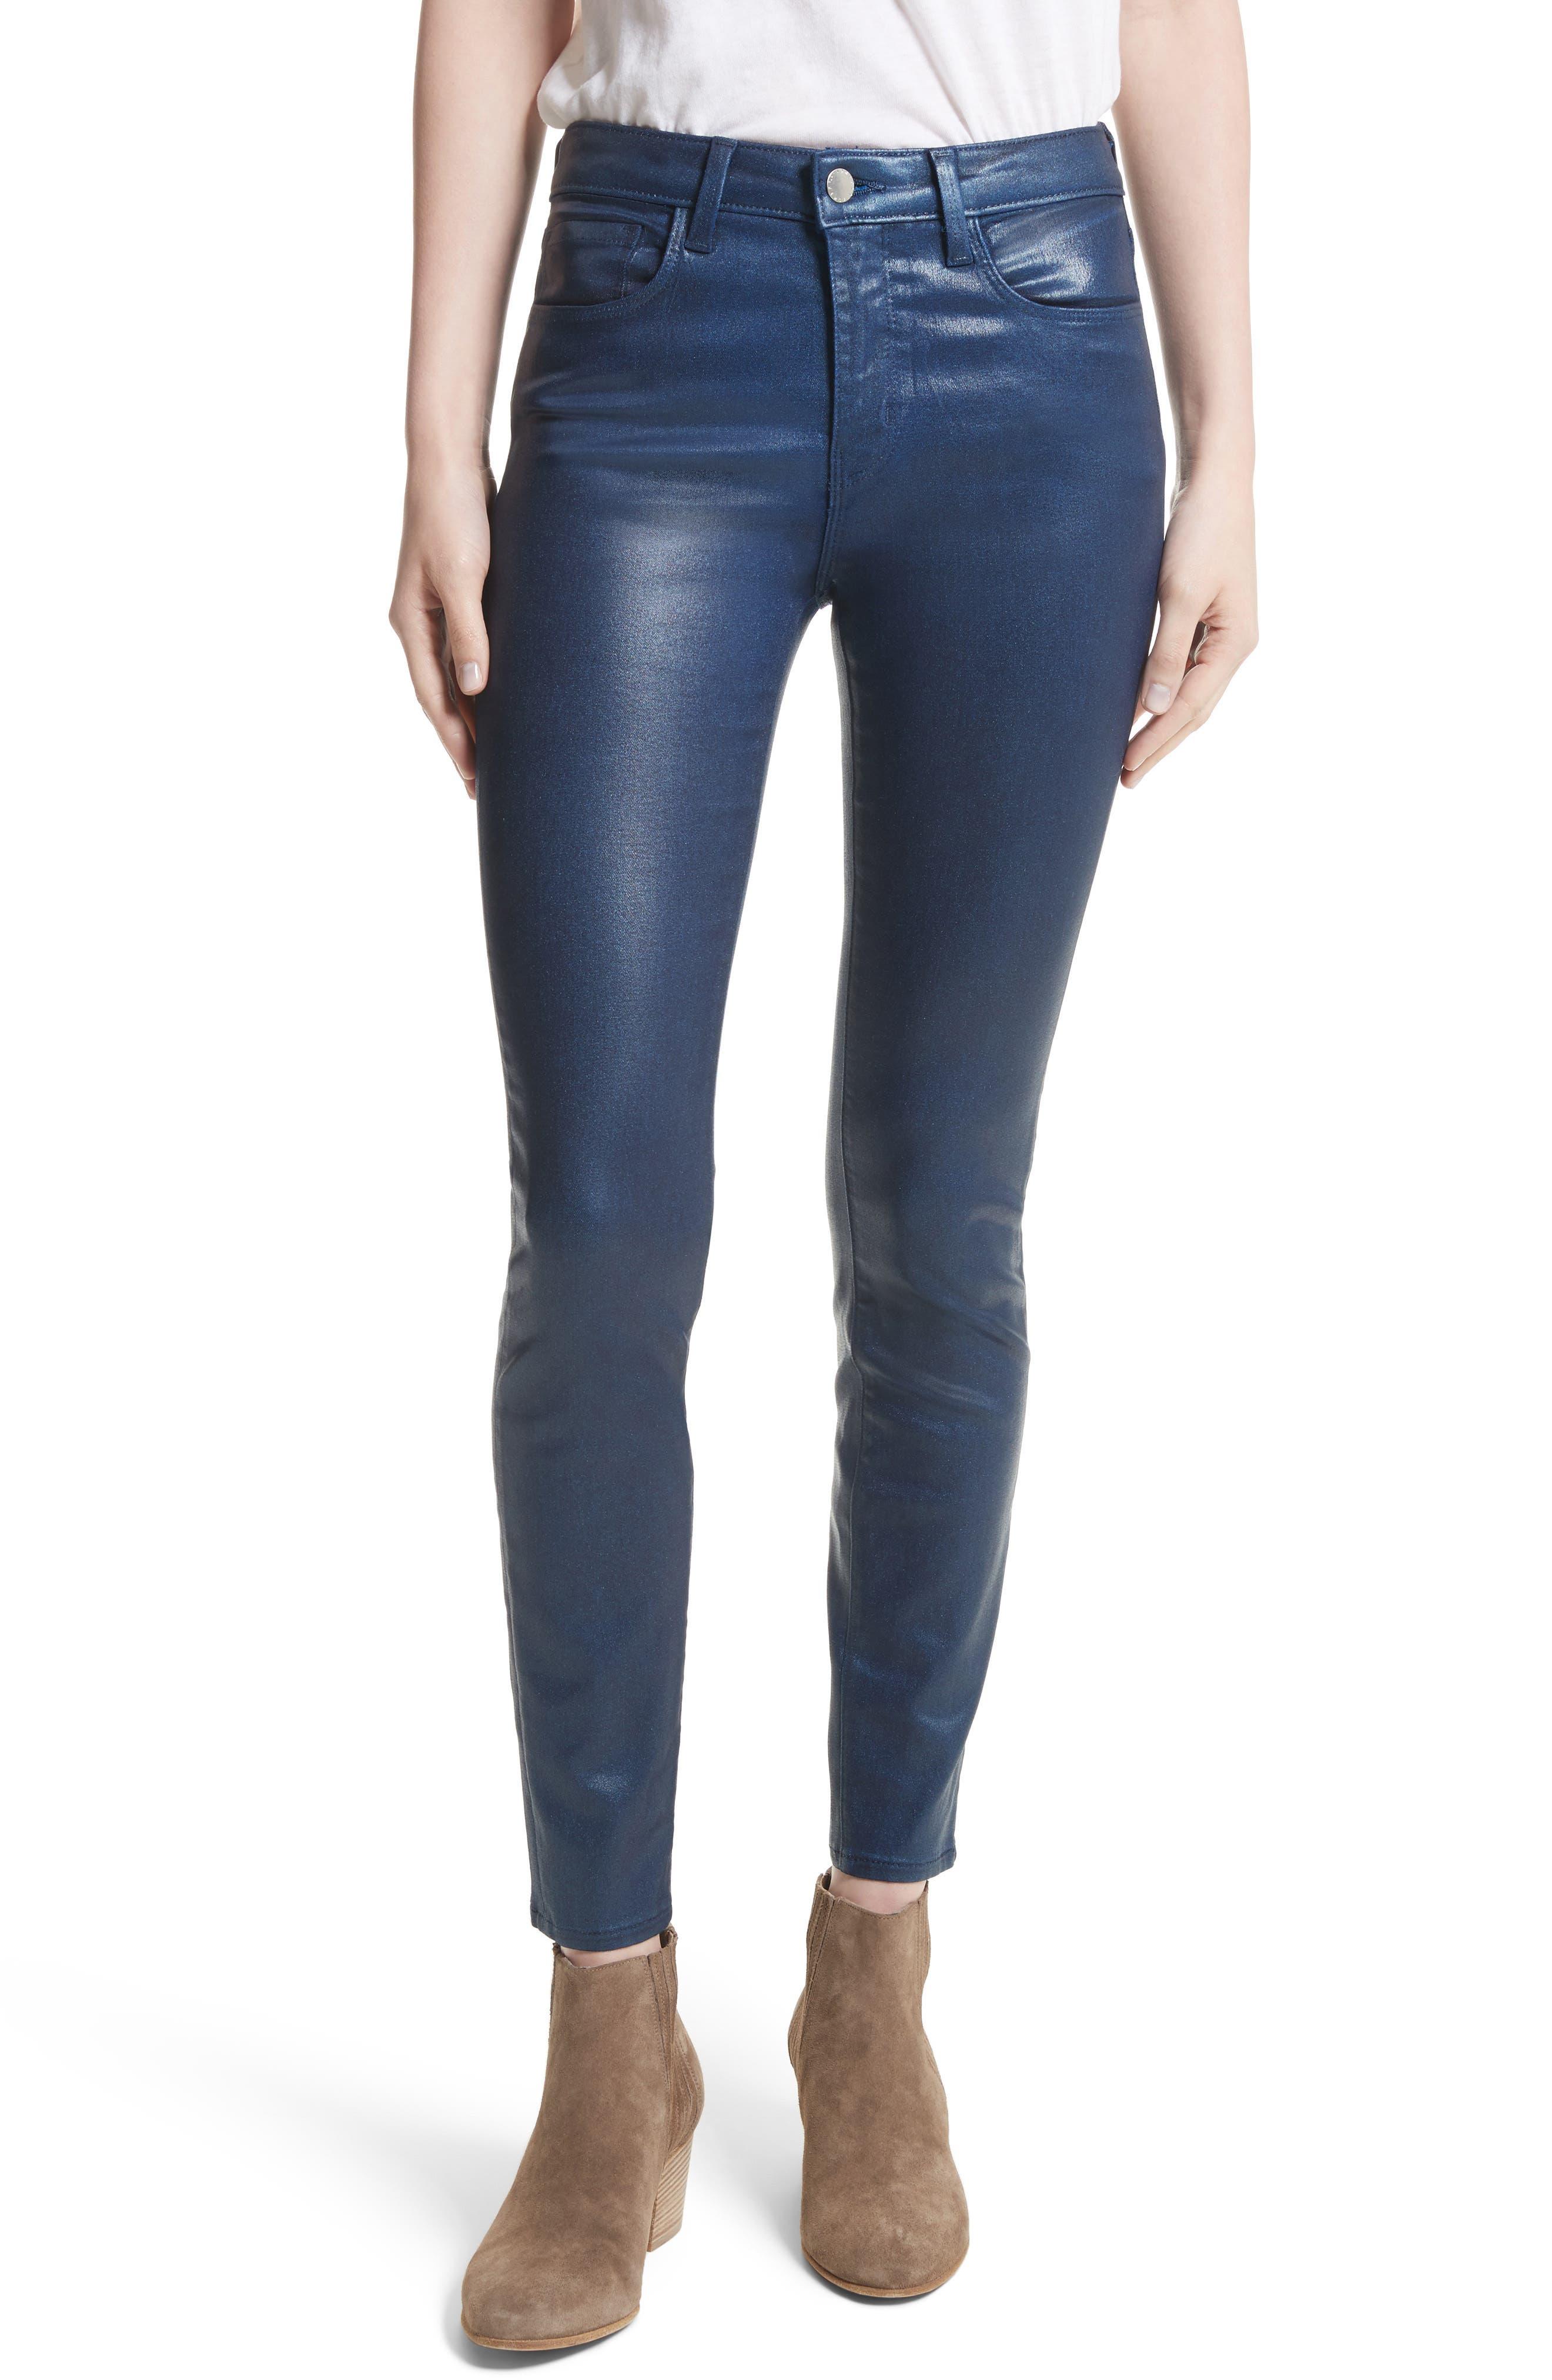 High waisted coated skinny jeans